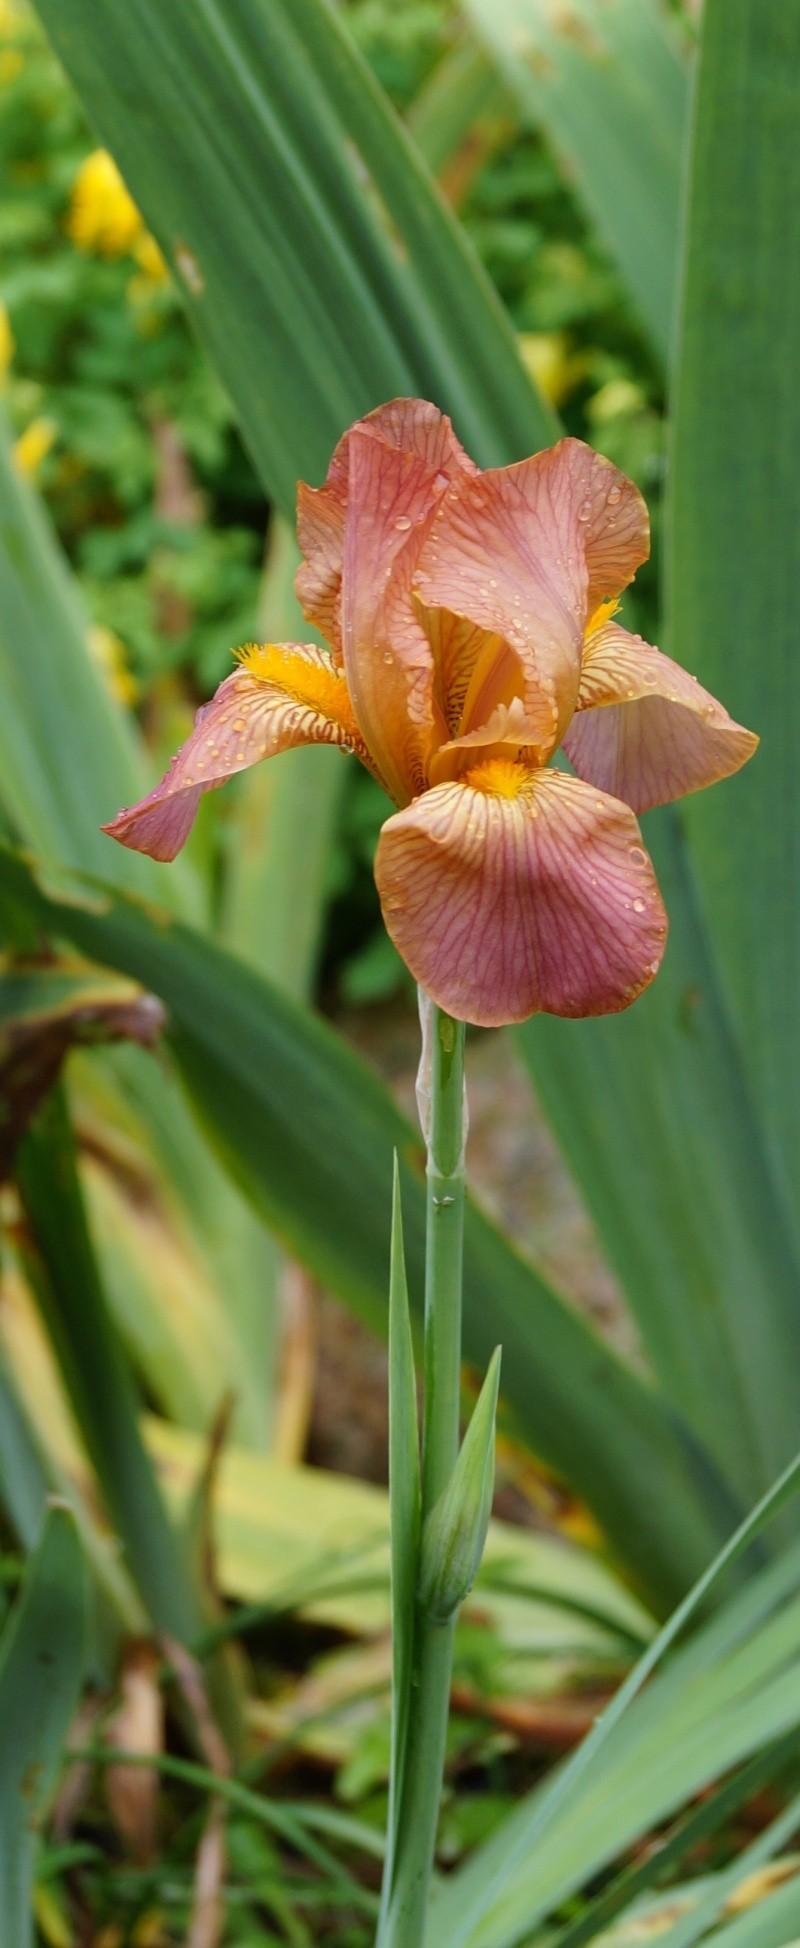 Schwertliliengewächse: Iris, Tigrida, Ixia, Sparaxis, Crocus, Freesia, Montbretie u.v.m. - Seite 2 Improm10